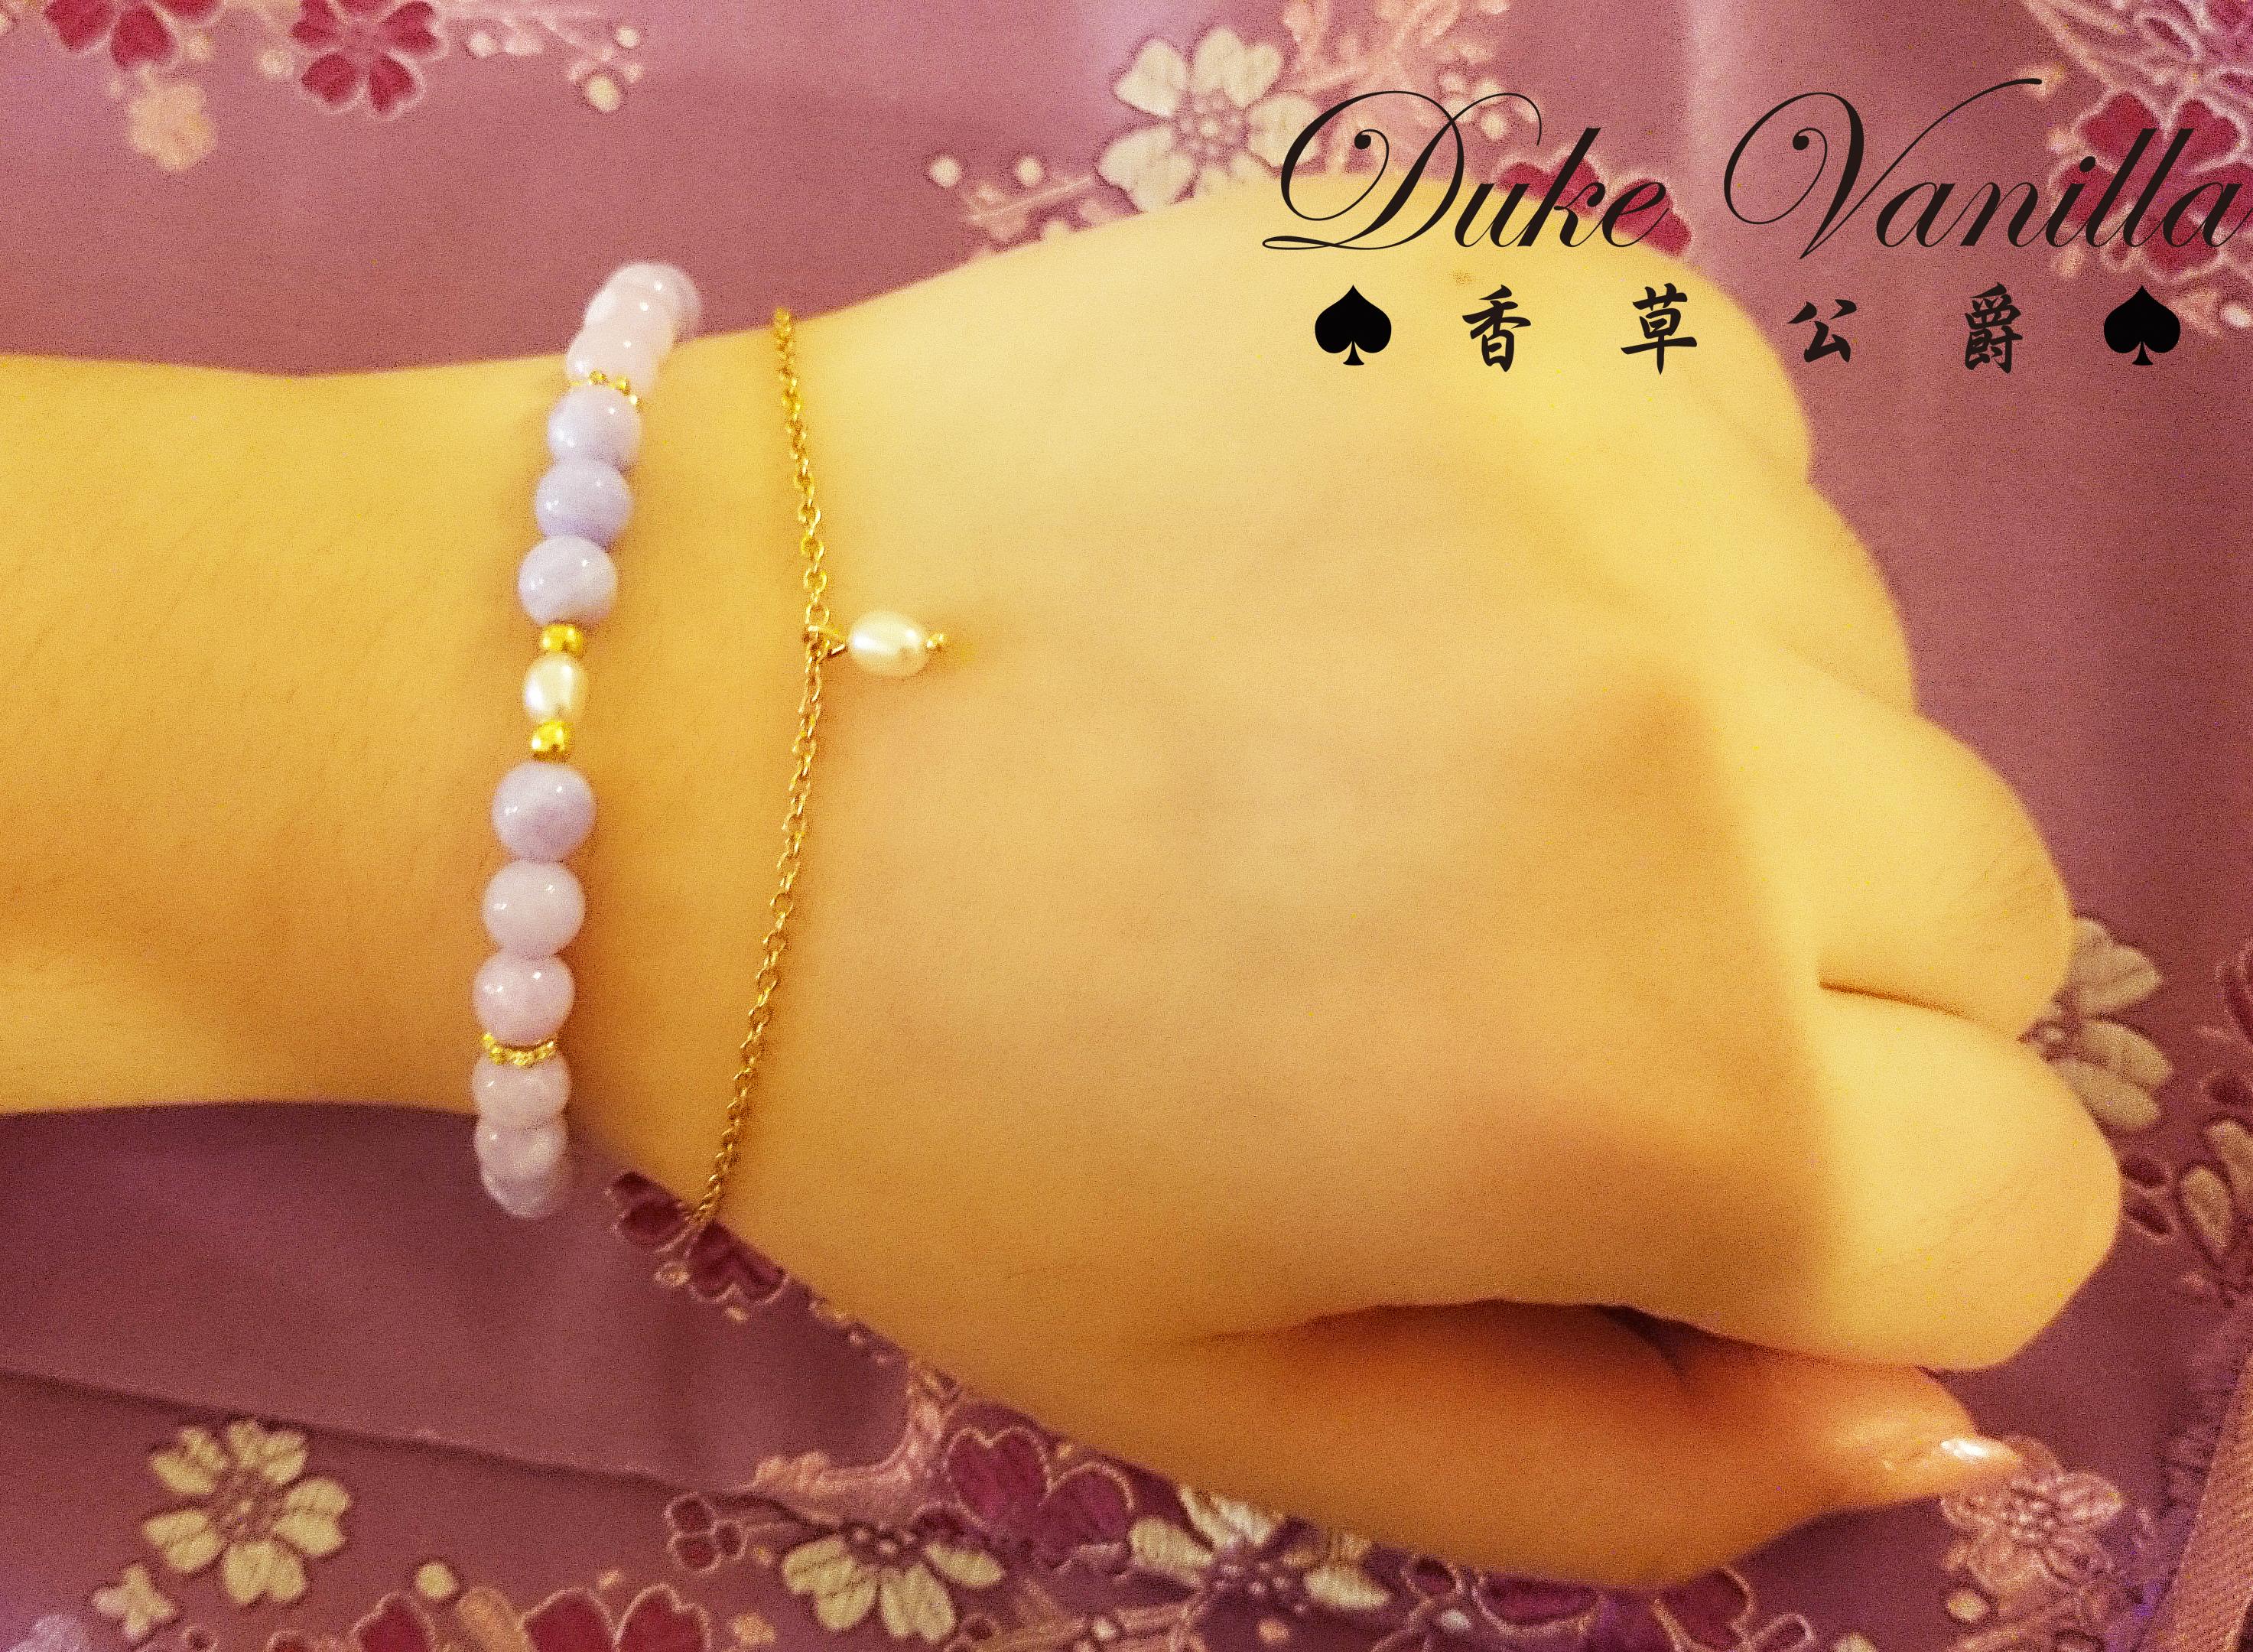 女神系紫波斯玉珍珠雙鍊手鍊 - Duke Vanilla 香草公爵